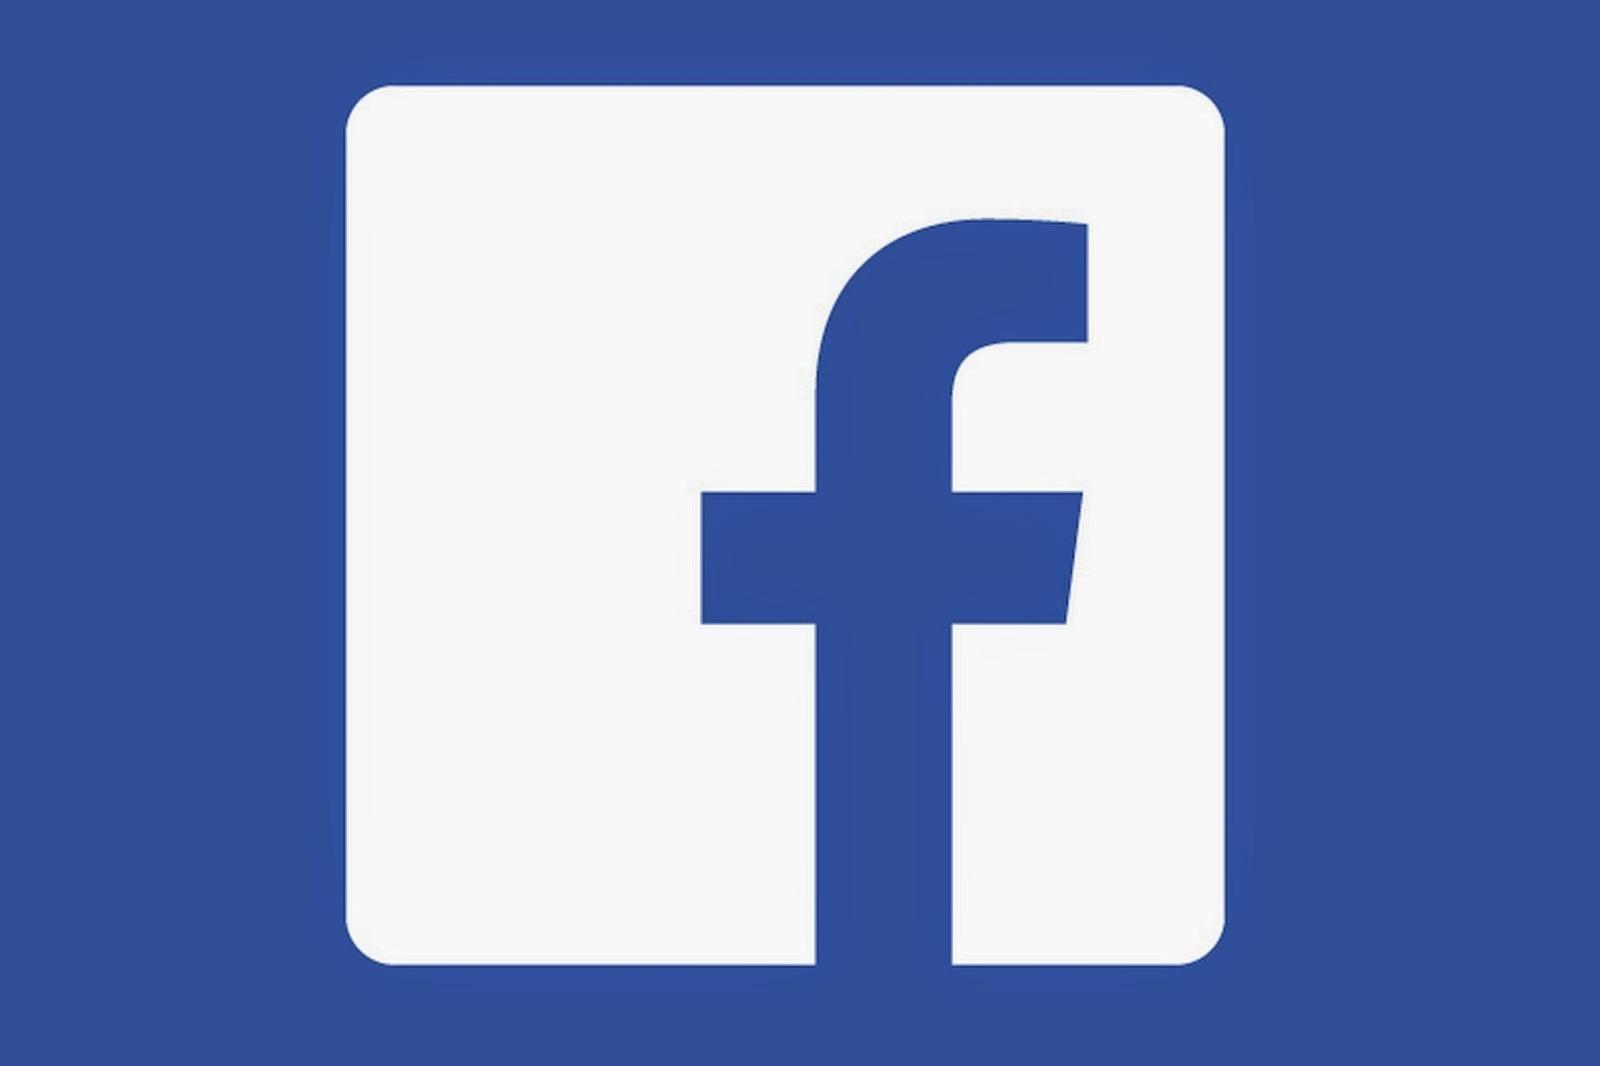 hình vuông trong thiết kế logo facebook